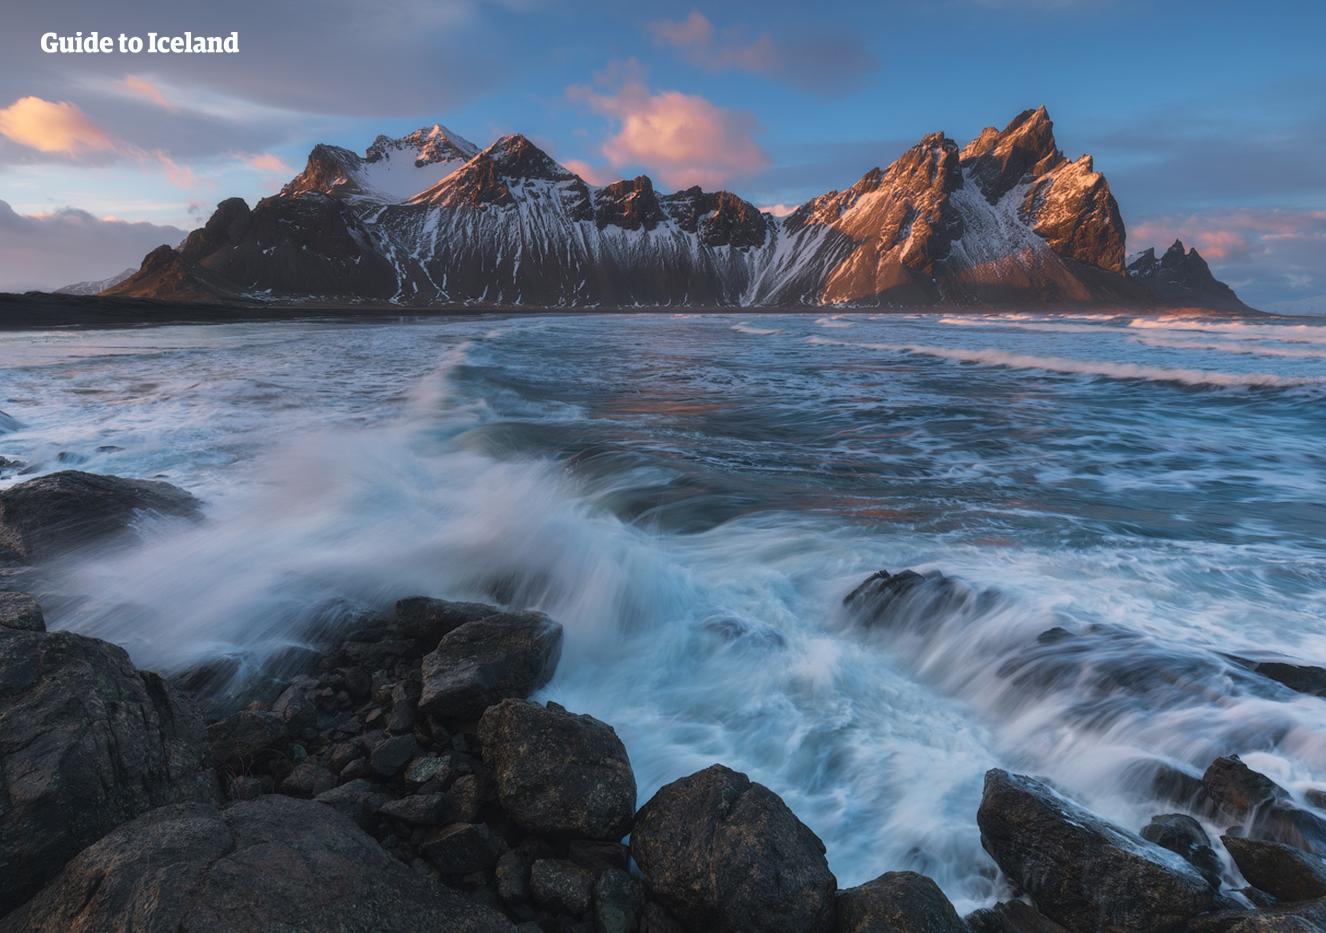 La montagne Vestrahorn, sur la péninsule de Stokksnes, est toute étincelante dans son manteau d'hiver.